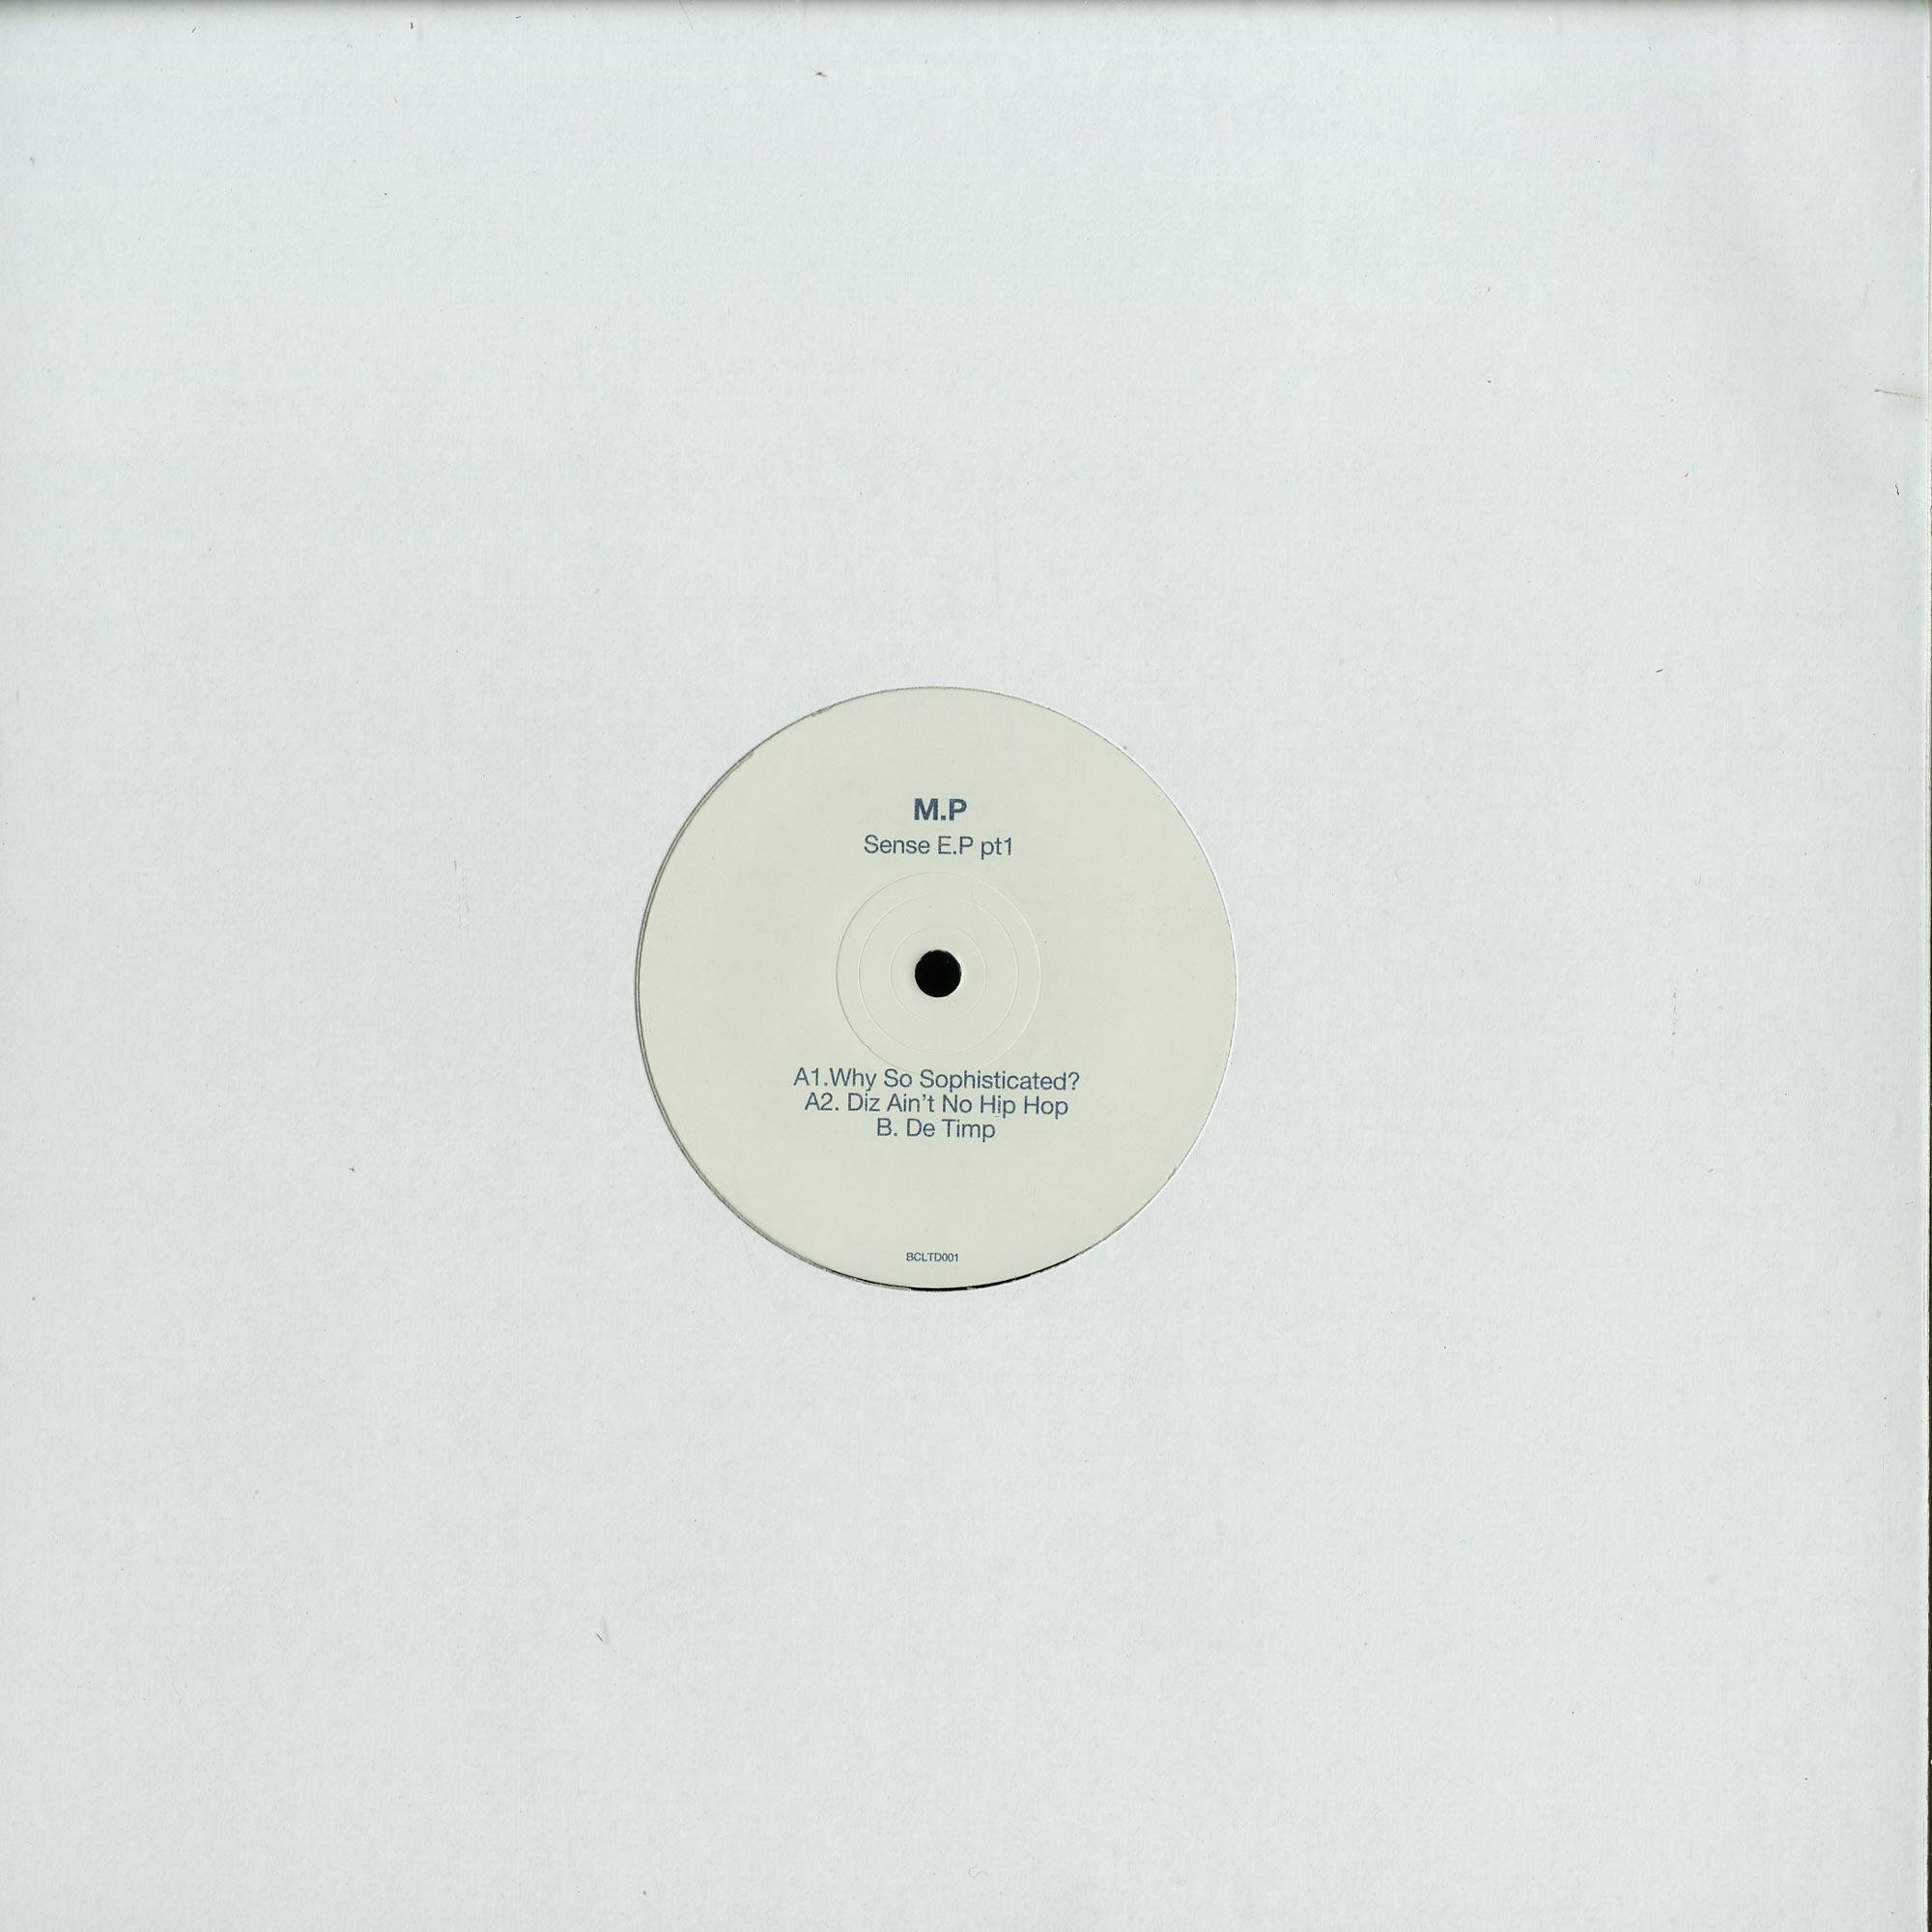 M.P - SENSE EP PT.1